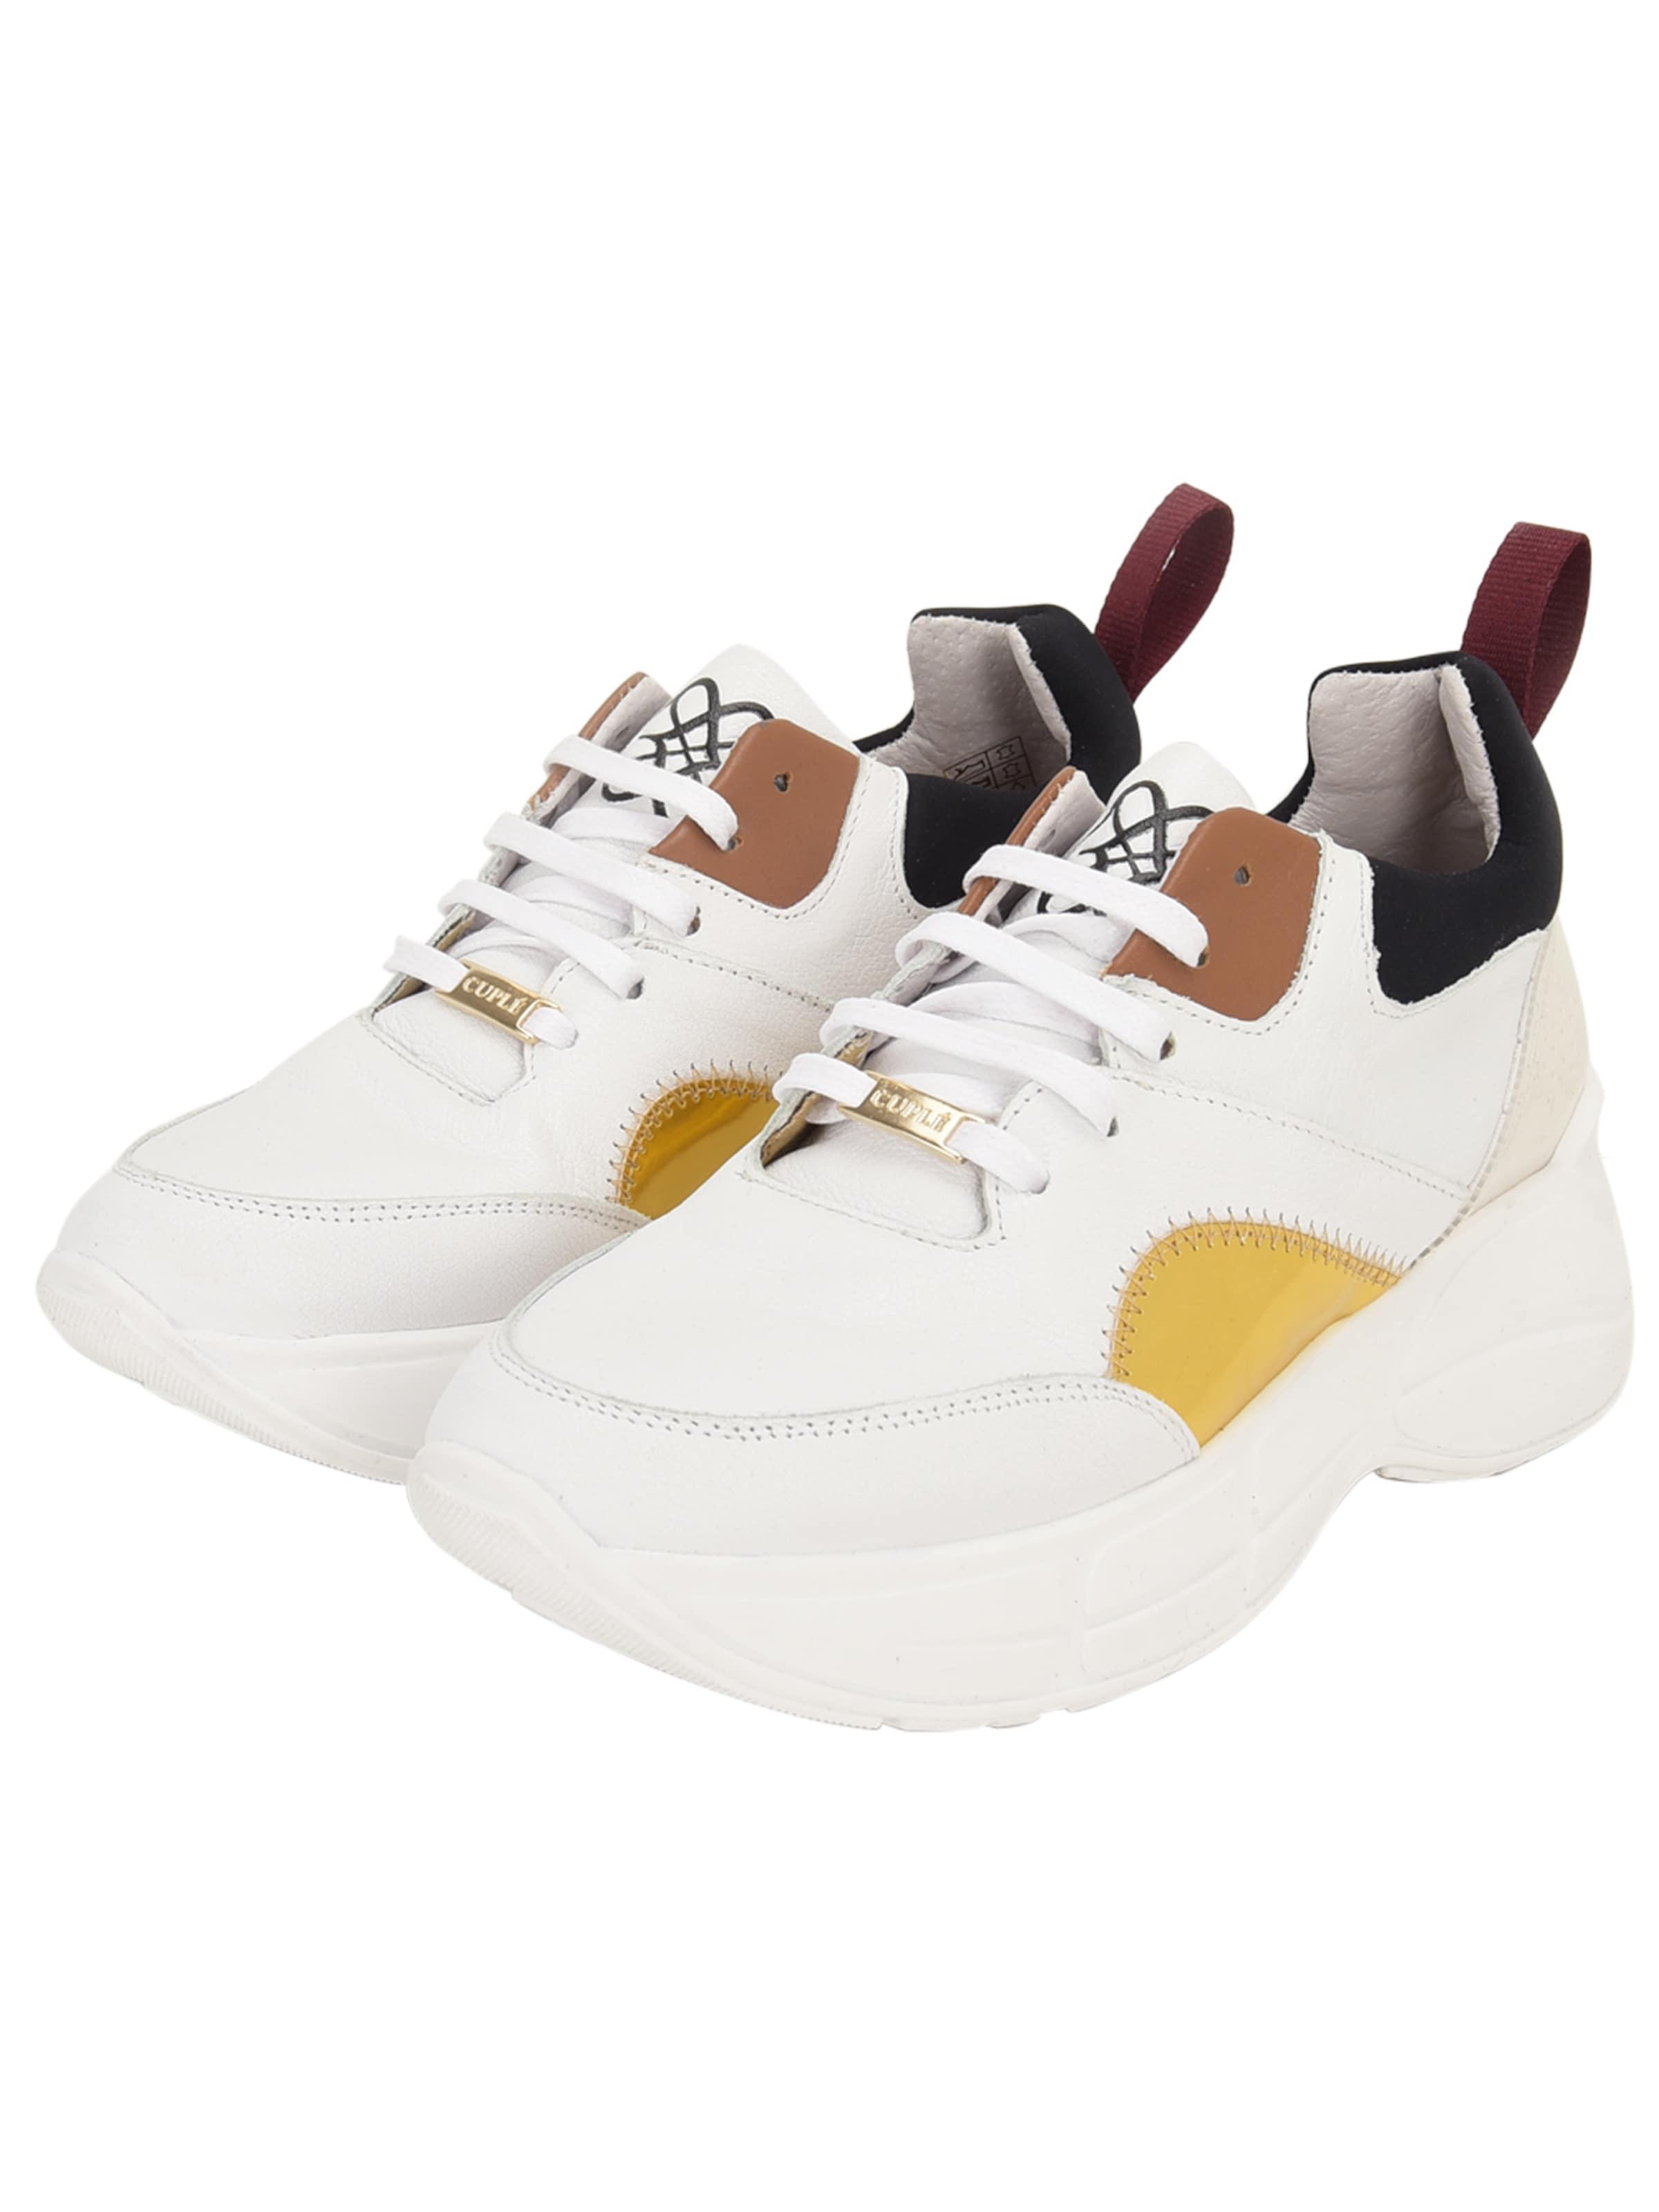 MischfarbenWeiß Cuplé Sneaker MischfarbenWeiß Sneaker Sneaker Cuplé In Cuplé Sneaker In MischfarbenWeiß In In Cuplé bfmYv6I7yg